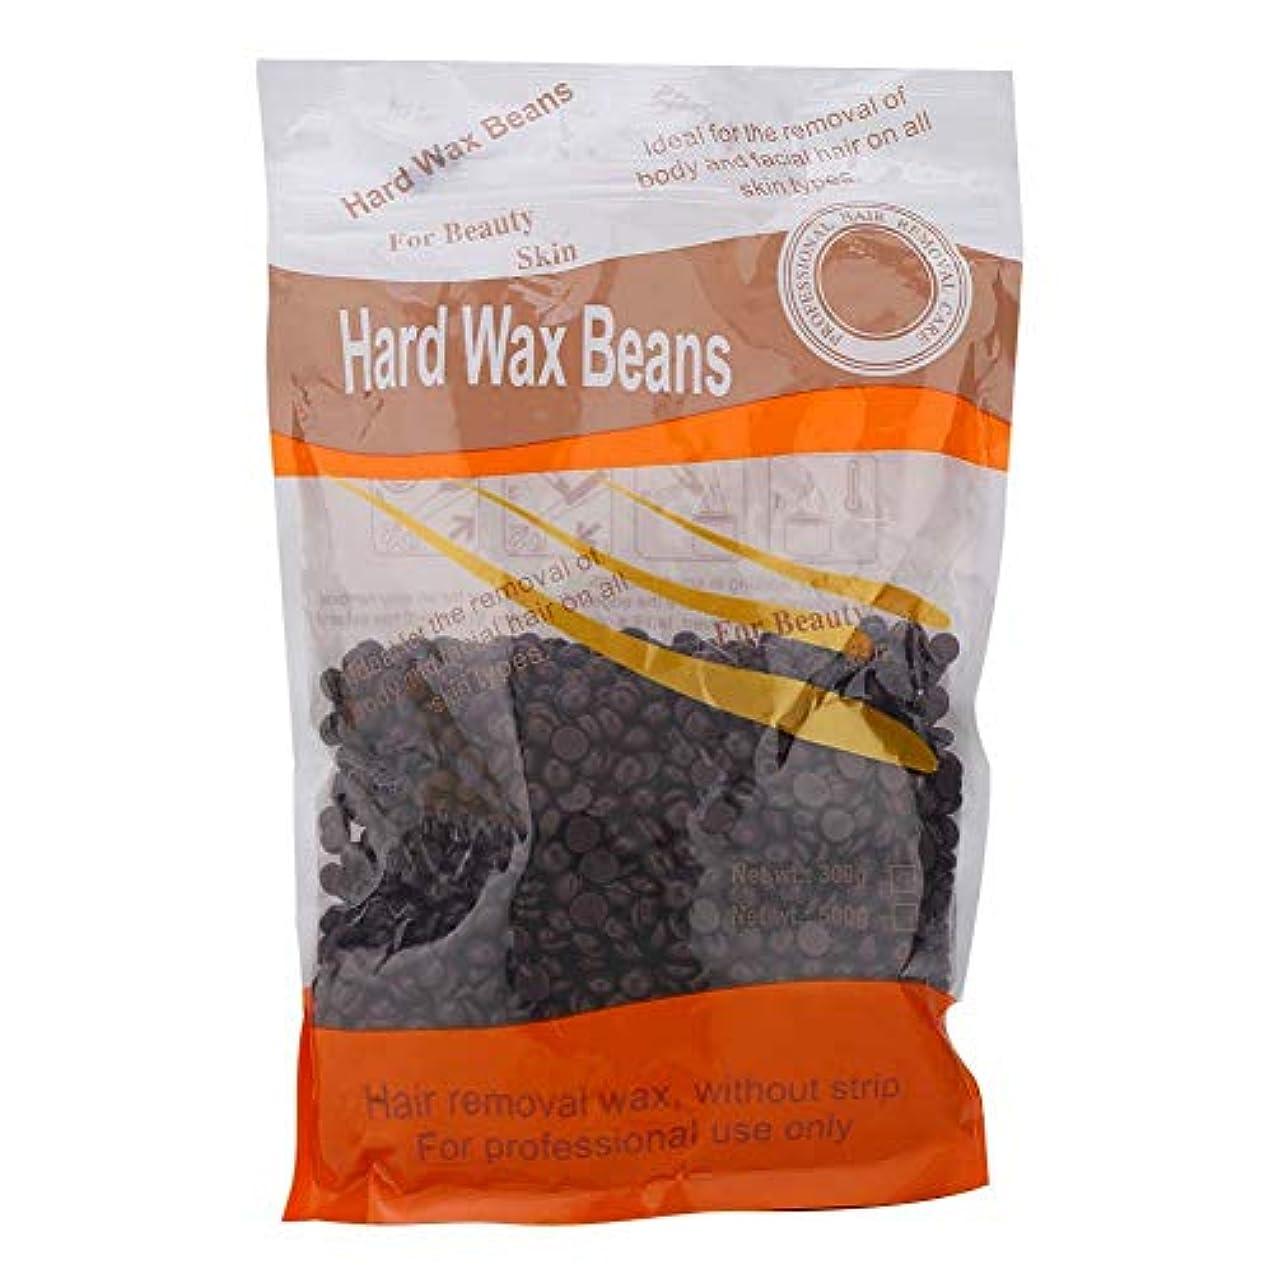 毎週灰望遠鏡ワックスビーン、300gペーパーフリーのソリッドワックスビーンズビーズ素早い毛髪除去効果のある天然成分と穏やかな成分を採用アームボディビキニヘア脱毛ワックス(1#)